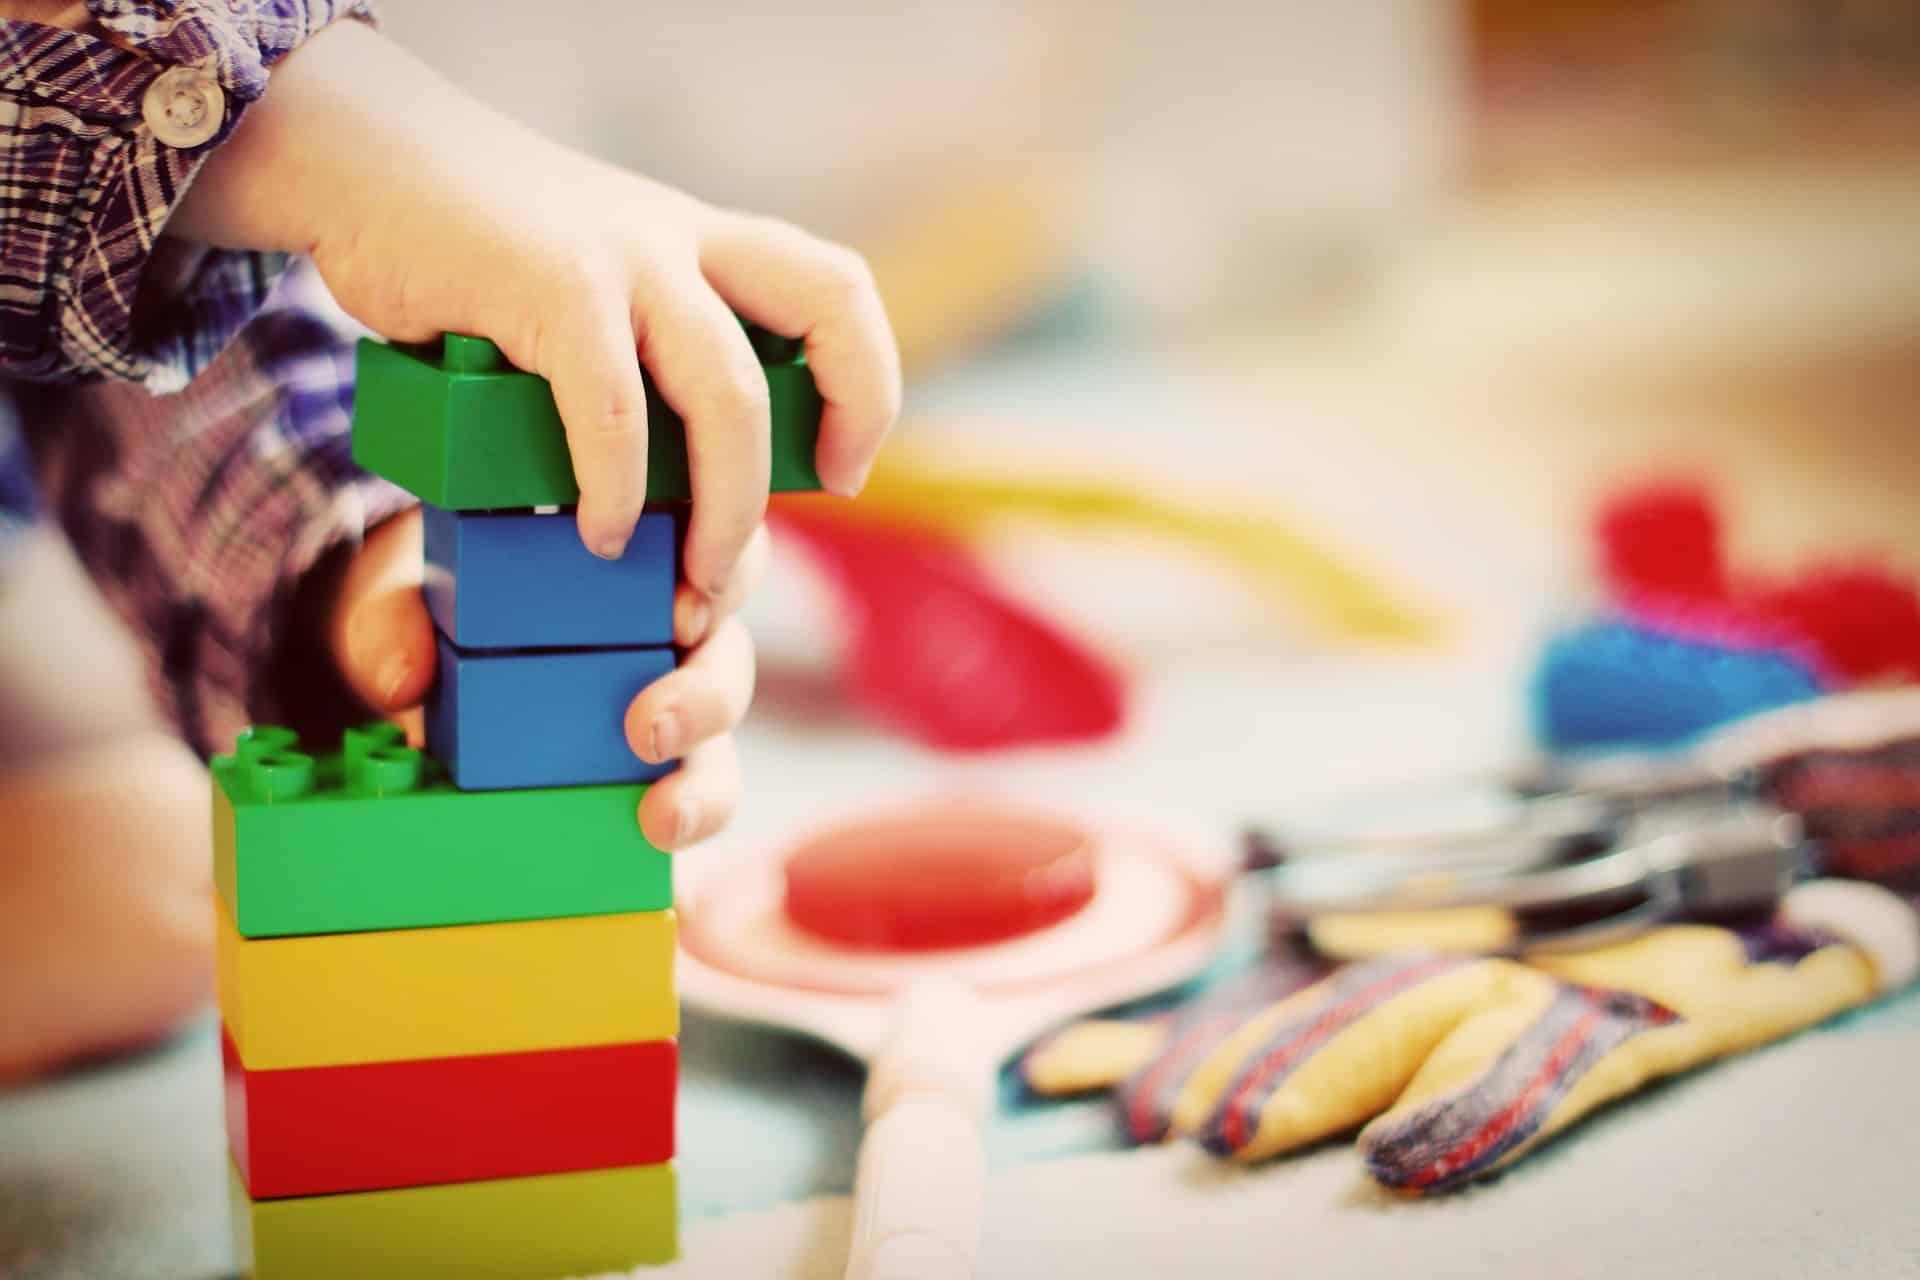 La scuola come centro di relazione e socialità per bambini e ragazzi